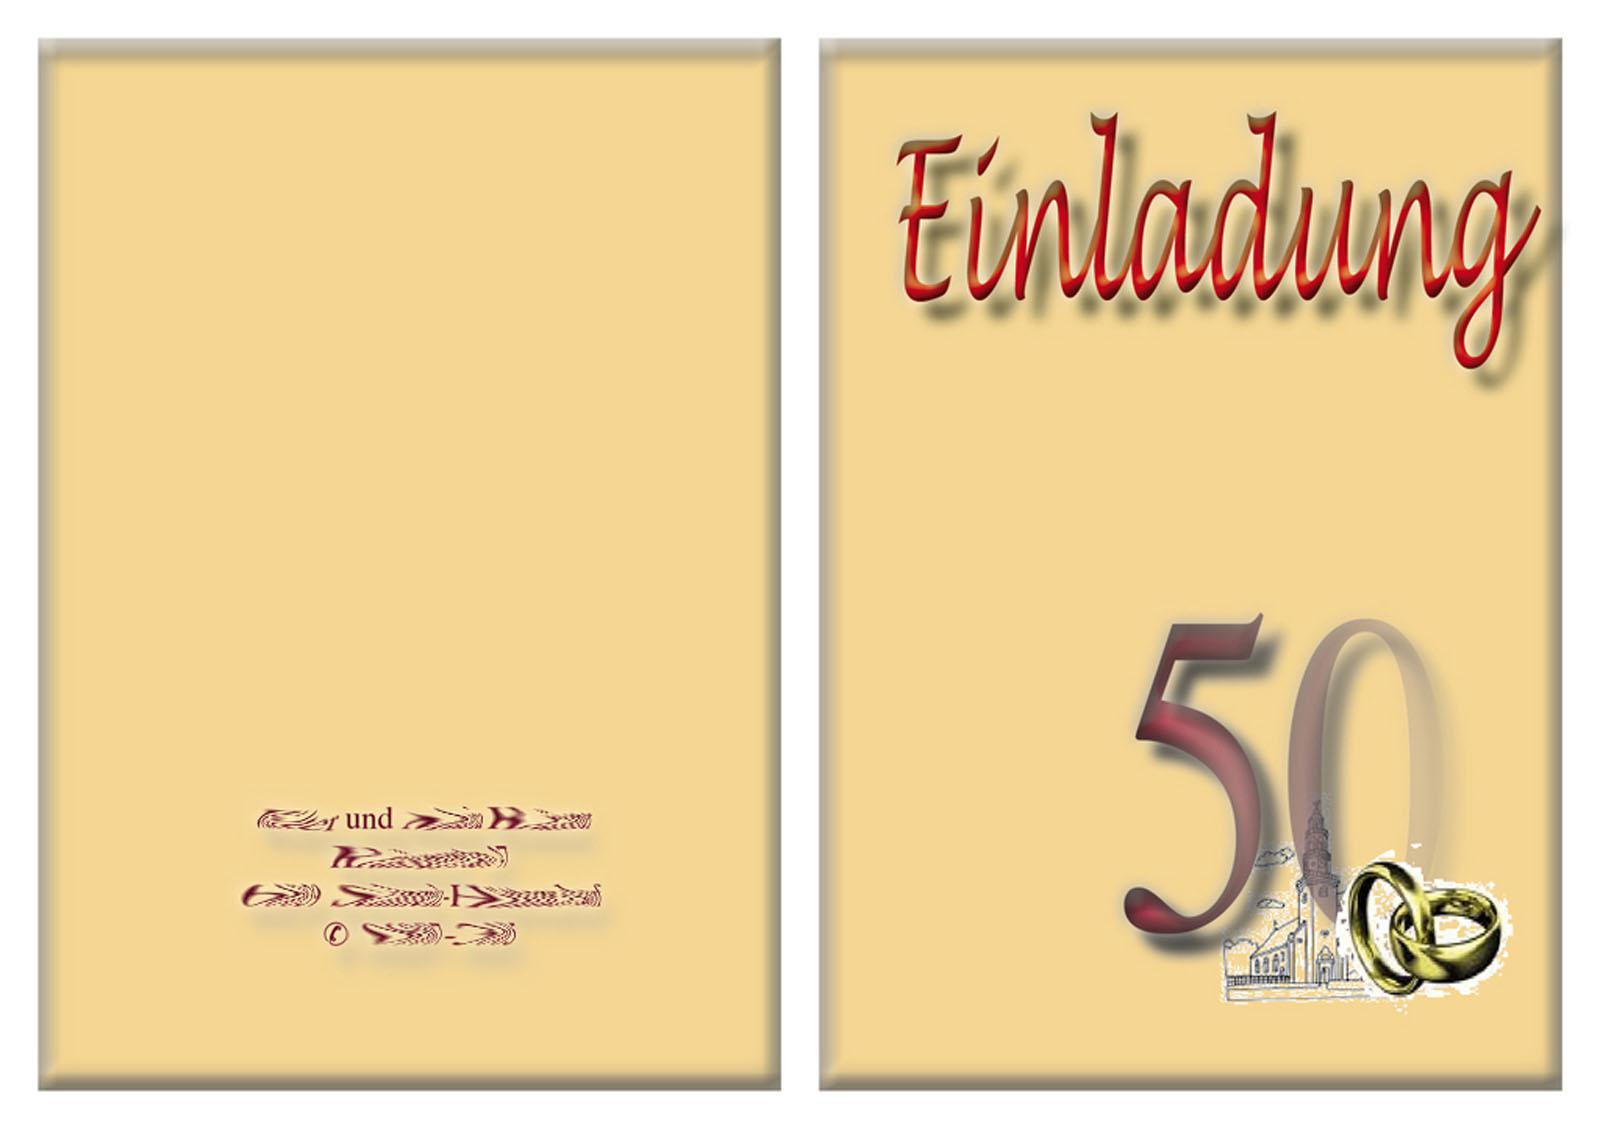 Einladungskarten Goldene Hochzeit Kostenlos Ausdrucken  Ehrfürchtige 12 Bild Einladungskarten Goldene Hochzeit